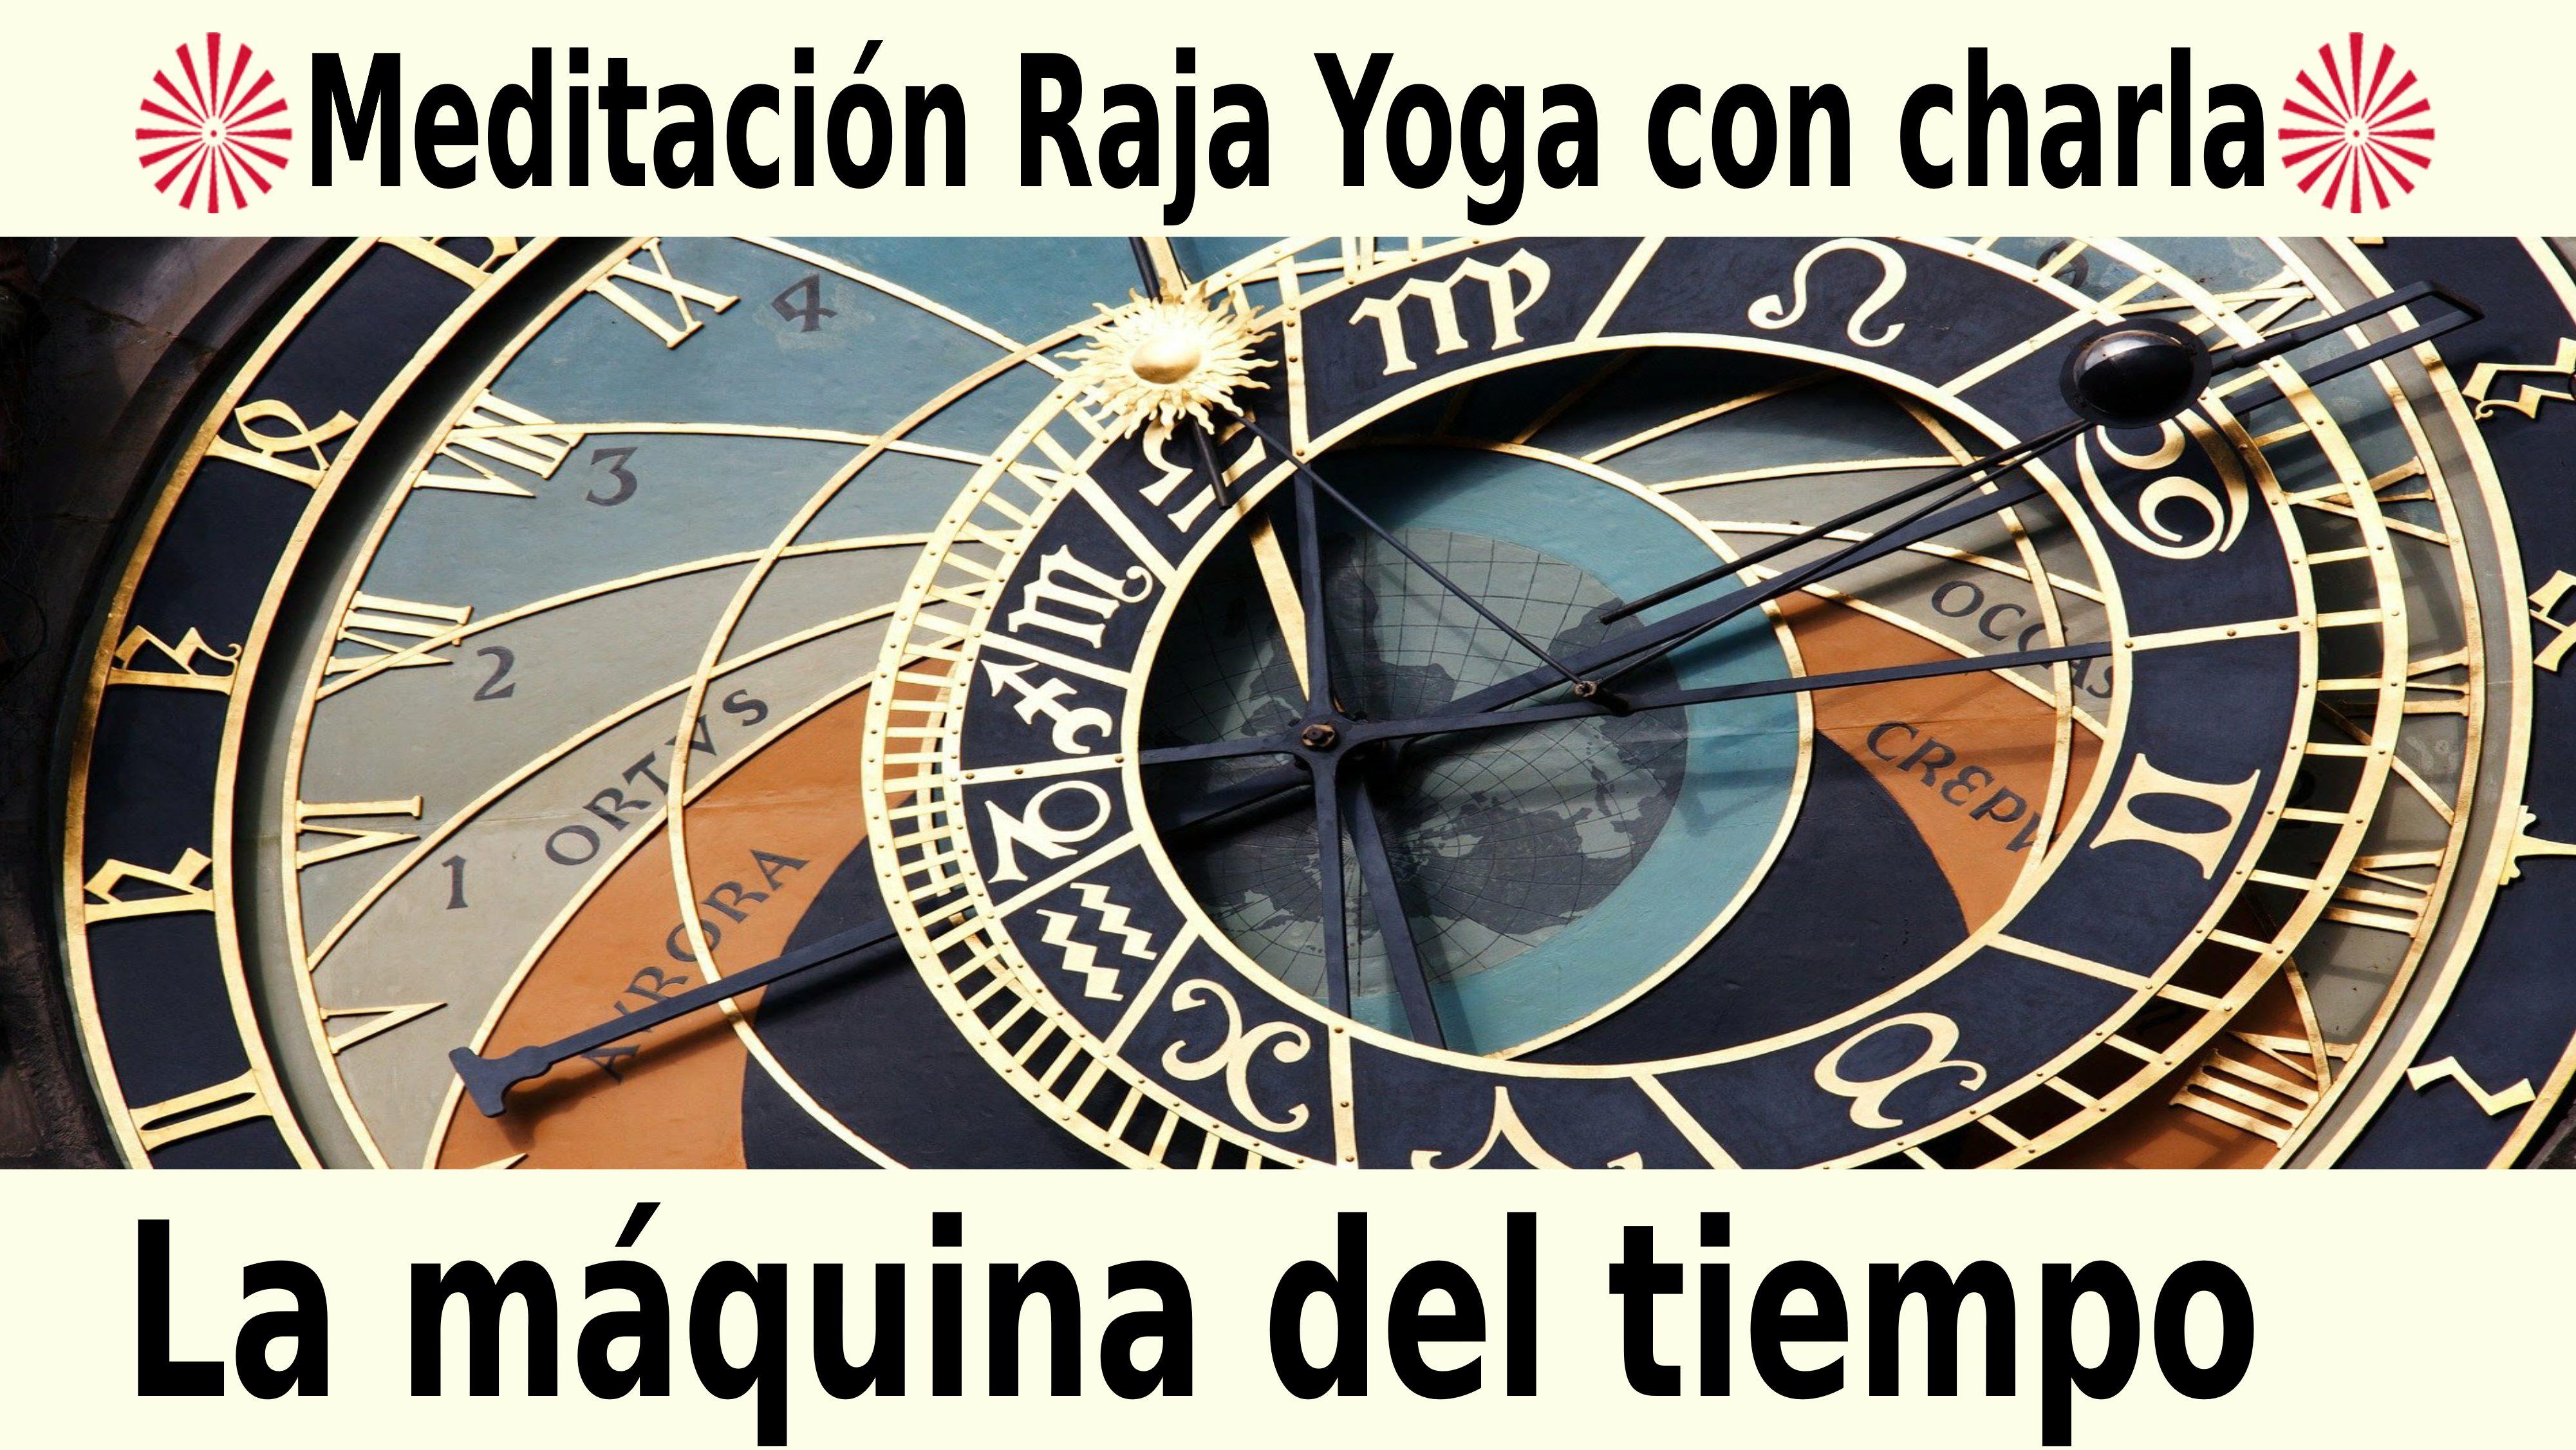 Meditación Raja Yoga con charla: La máquina del tiempo (19 Noviembre 2020) On-line desde Barcelona